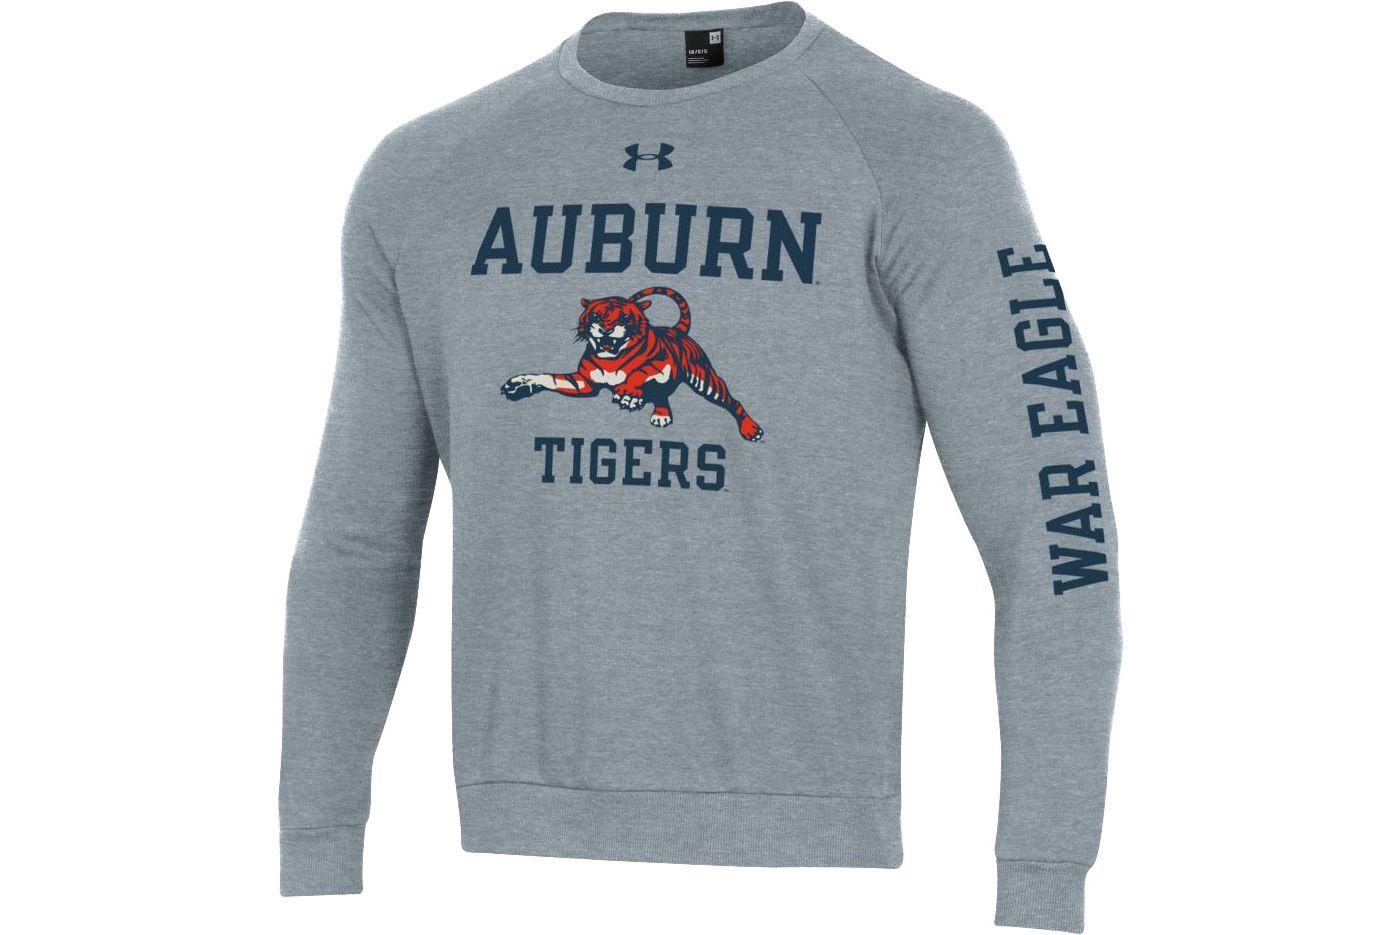 Under Armour Men's Auburn Tigers Grey All Day Fleece Crew Sweatshirt